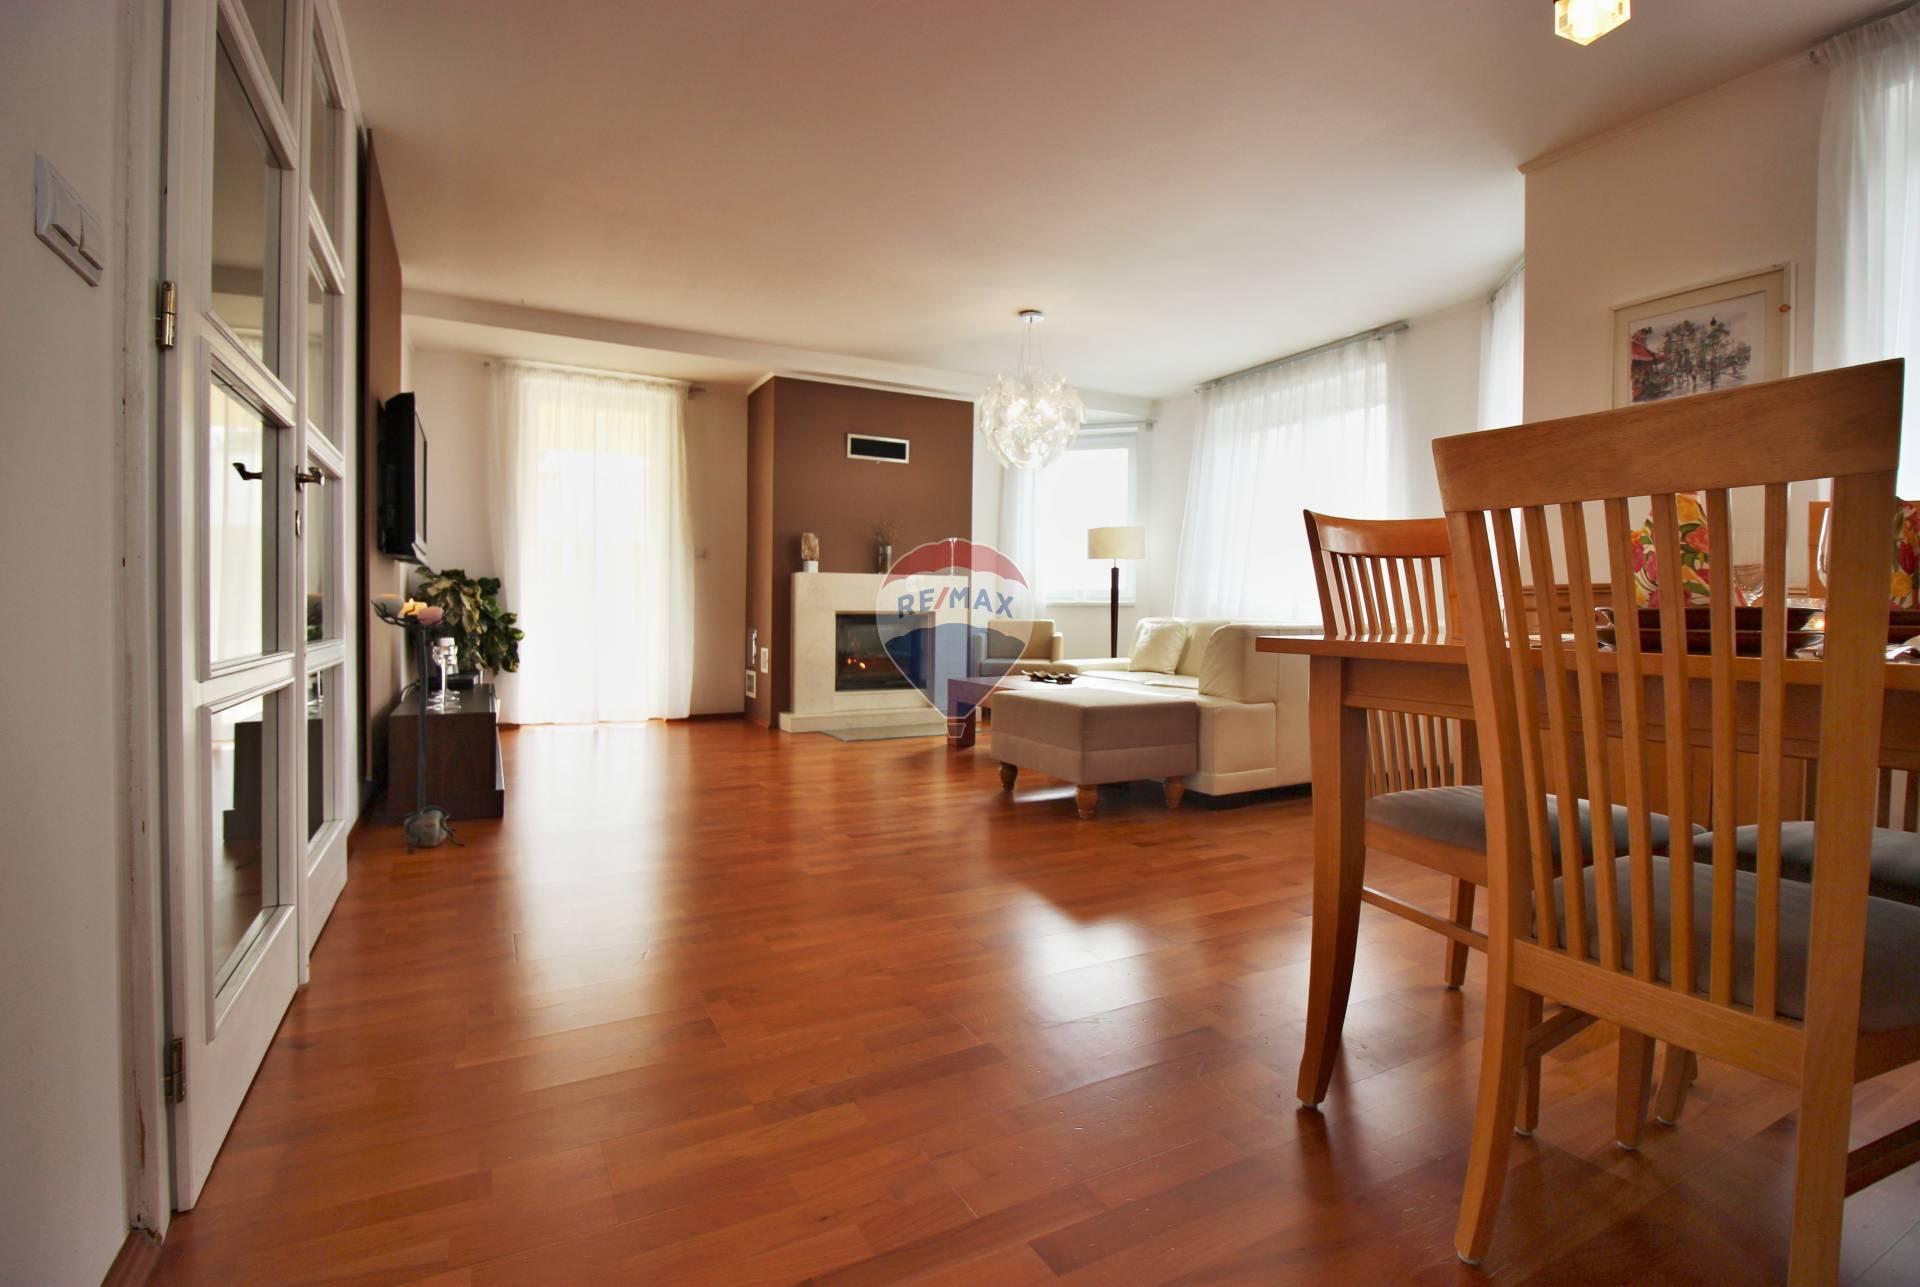 Predaj domu 159 m2, Nové Mesto nad Váhom - obývacia izba s jedálňou